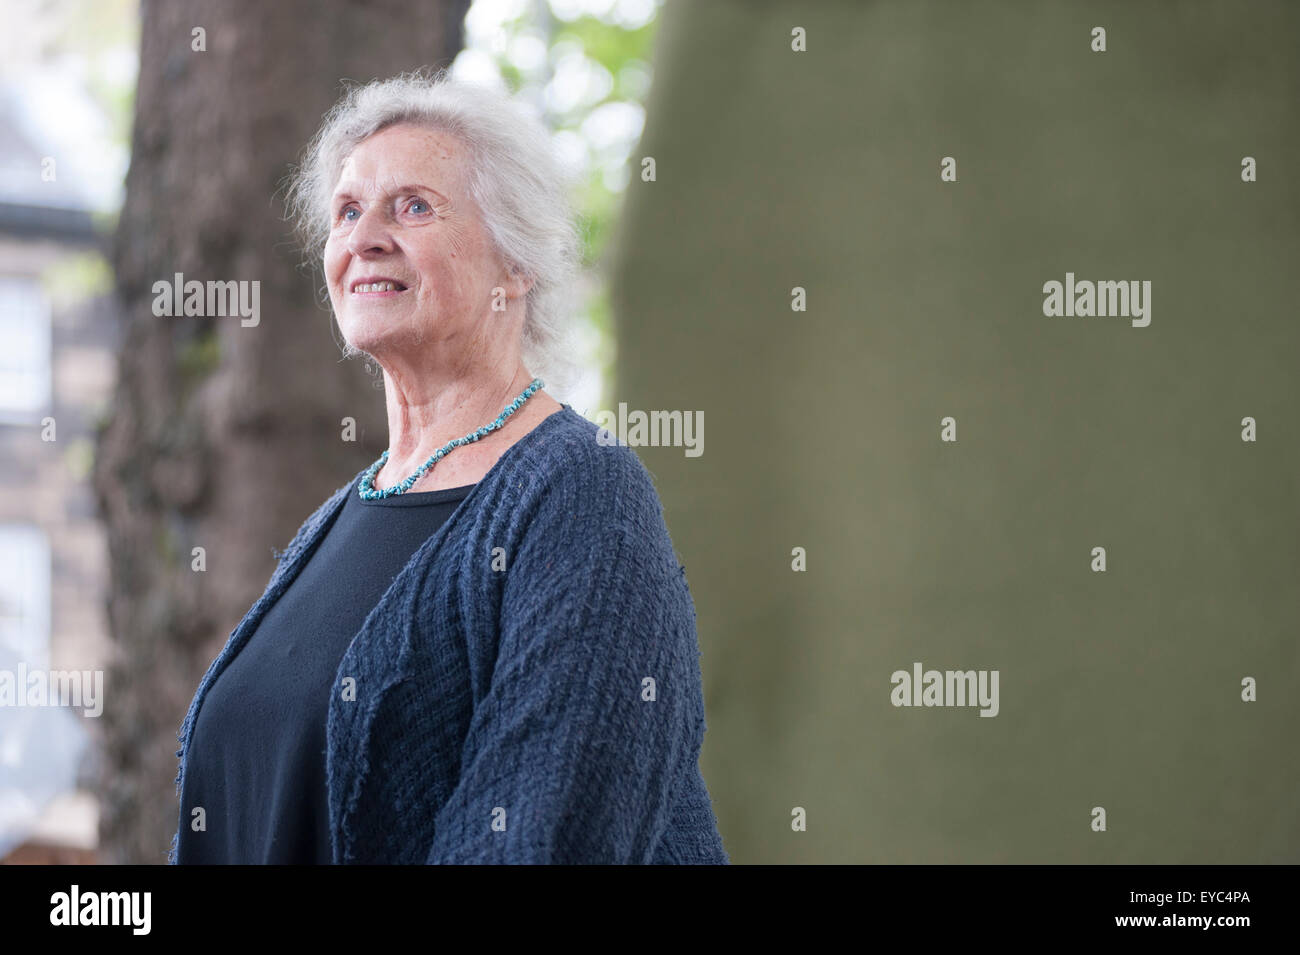 Britischer Literaturkritiker und akademischen, Gillian Beer am Edinburgh International Book Festival erscheinen. Stockbild